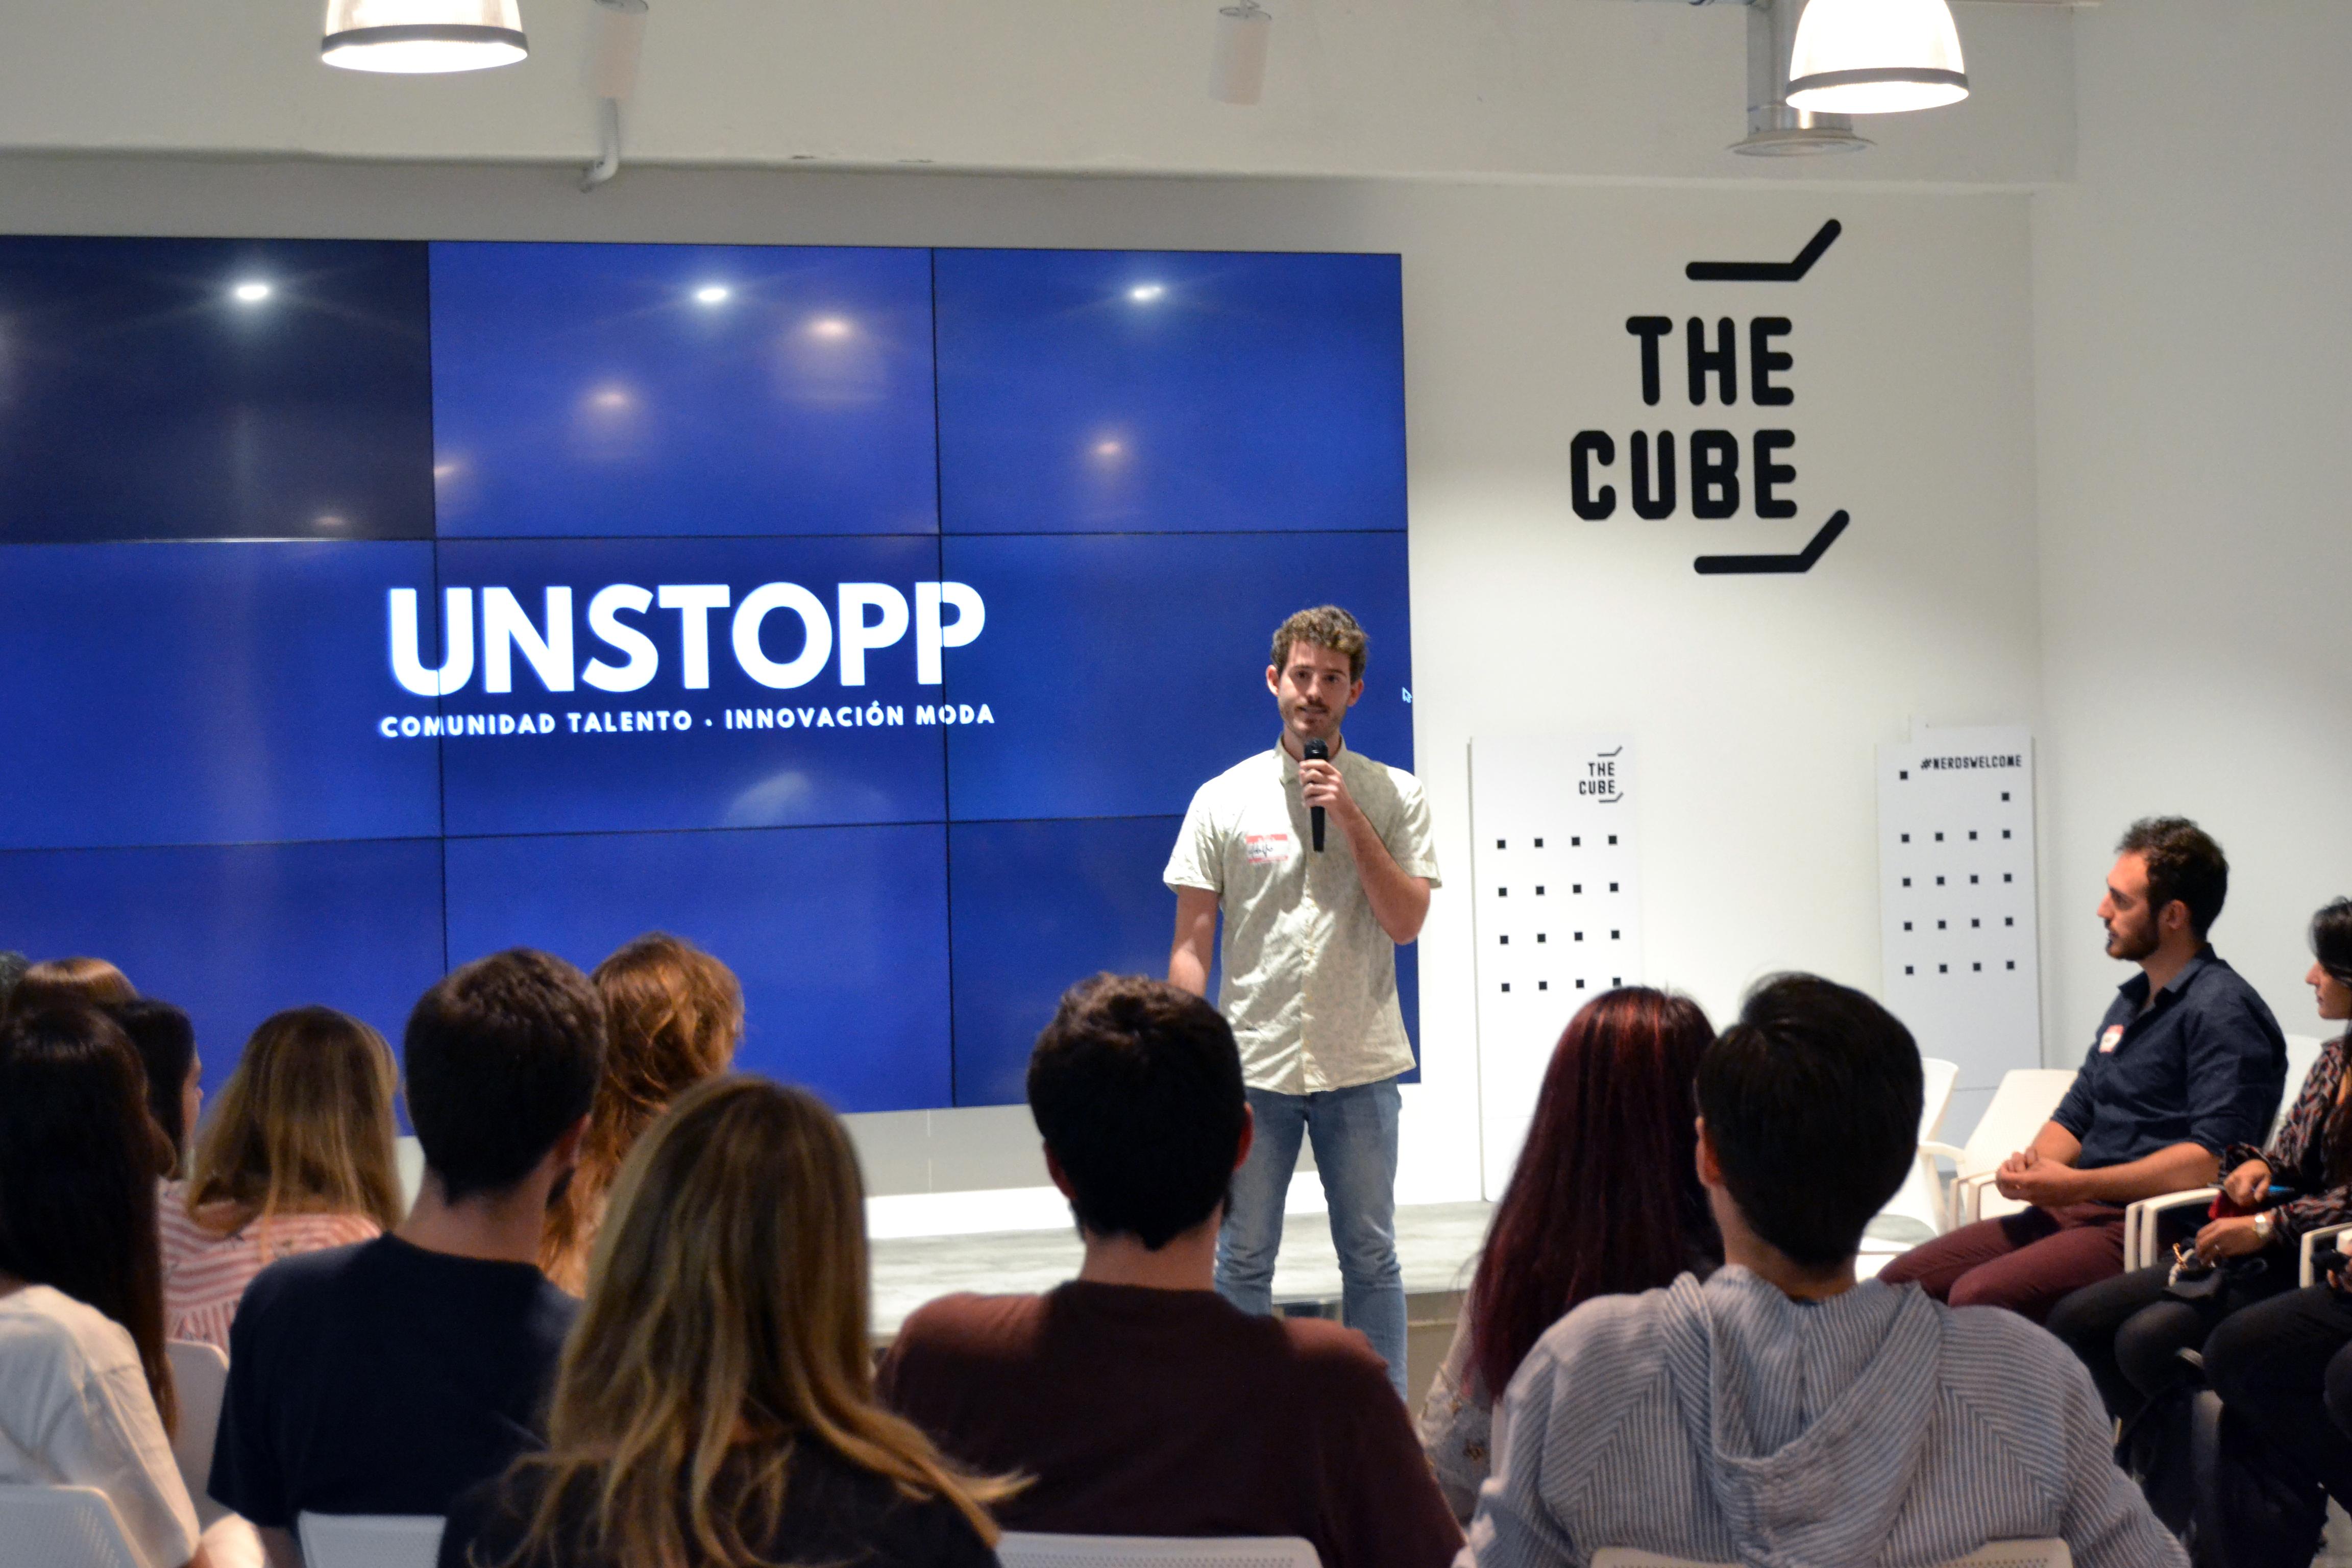 Unstopp presenta WHAT IF?, una nueva línea de eventos para emprendedores del sector moda